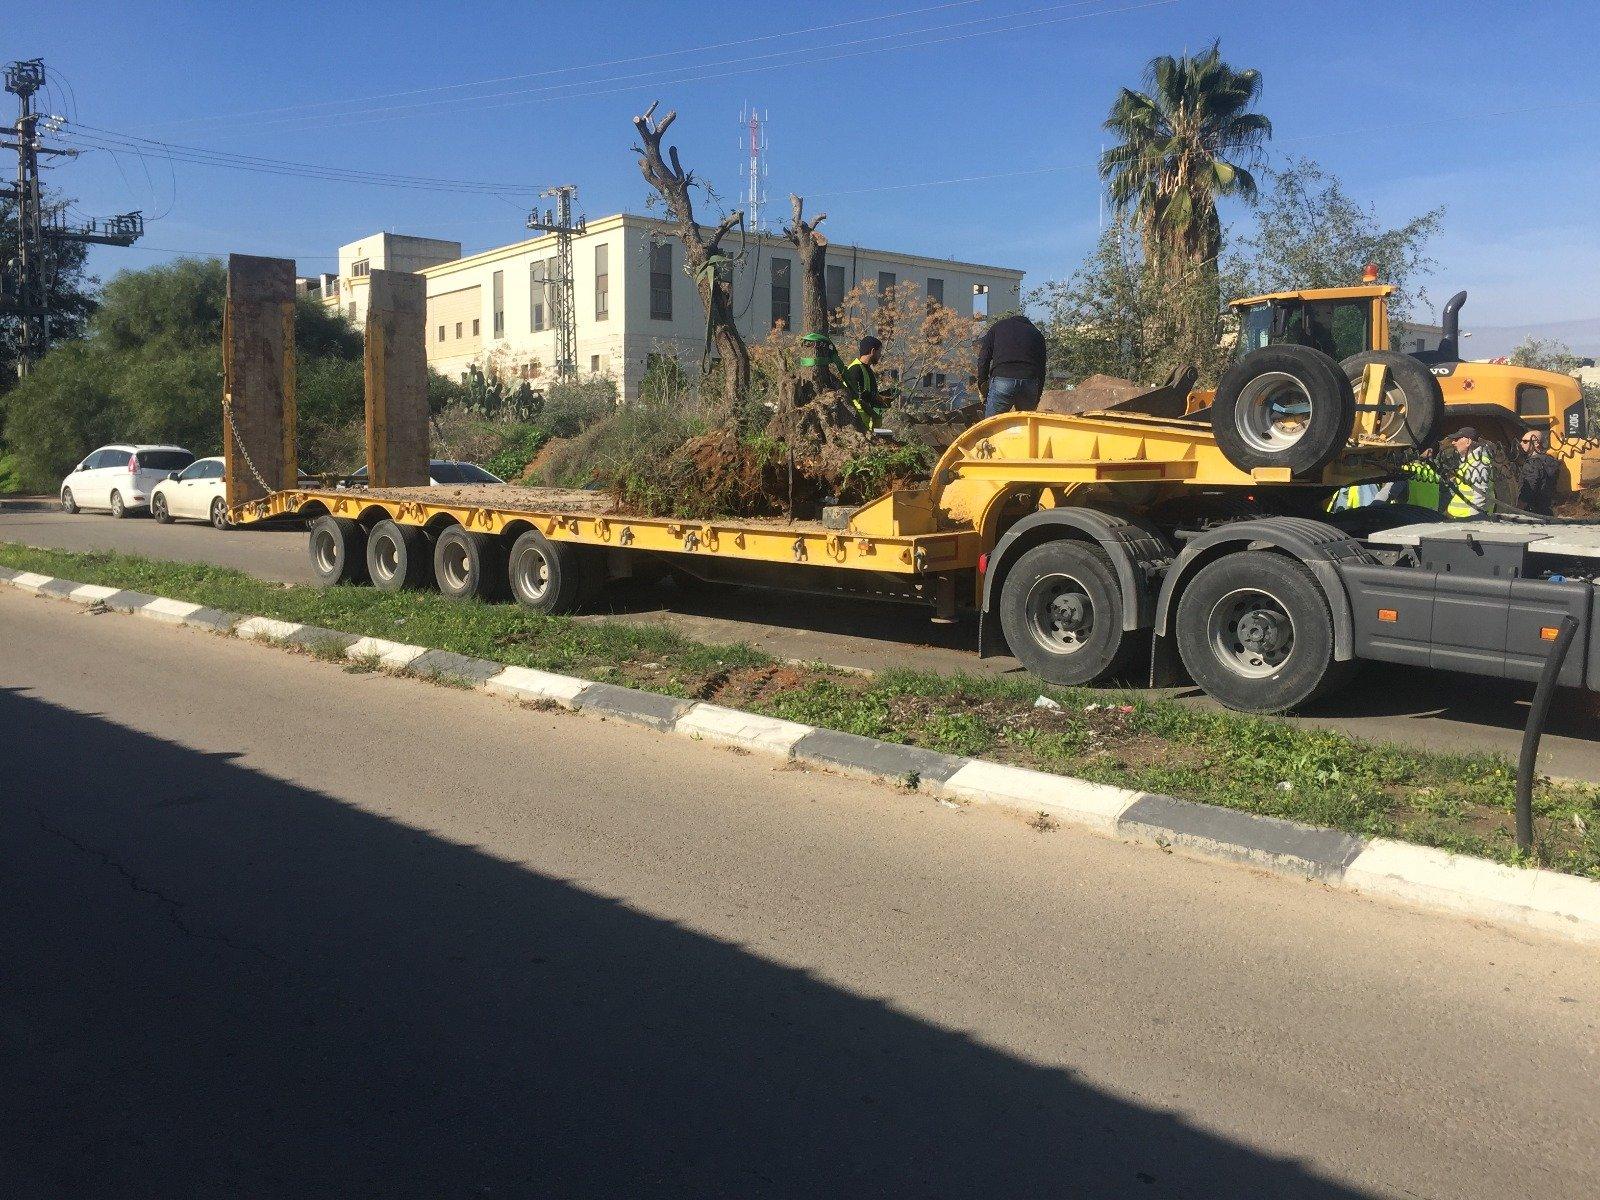 اللد: الشرطة تهدم منزل المواطن ايمن ابو رياش